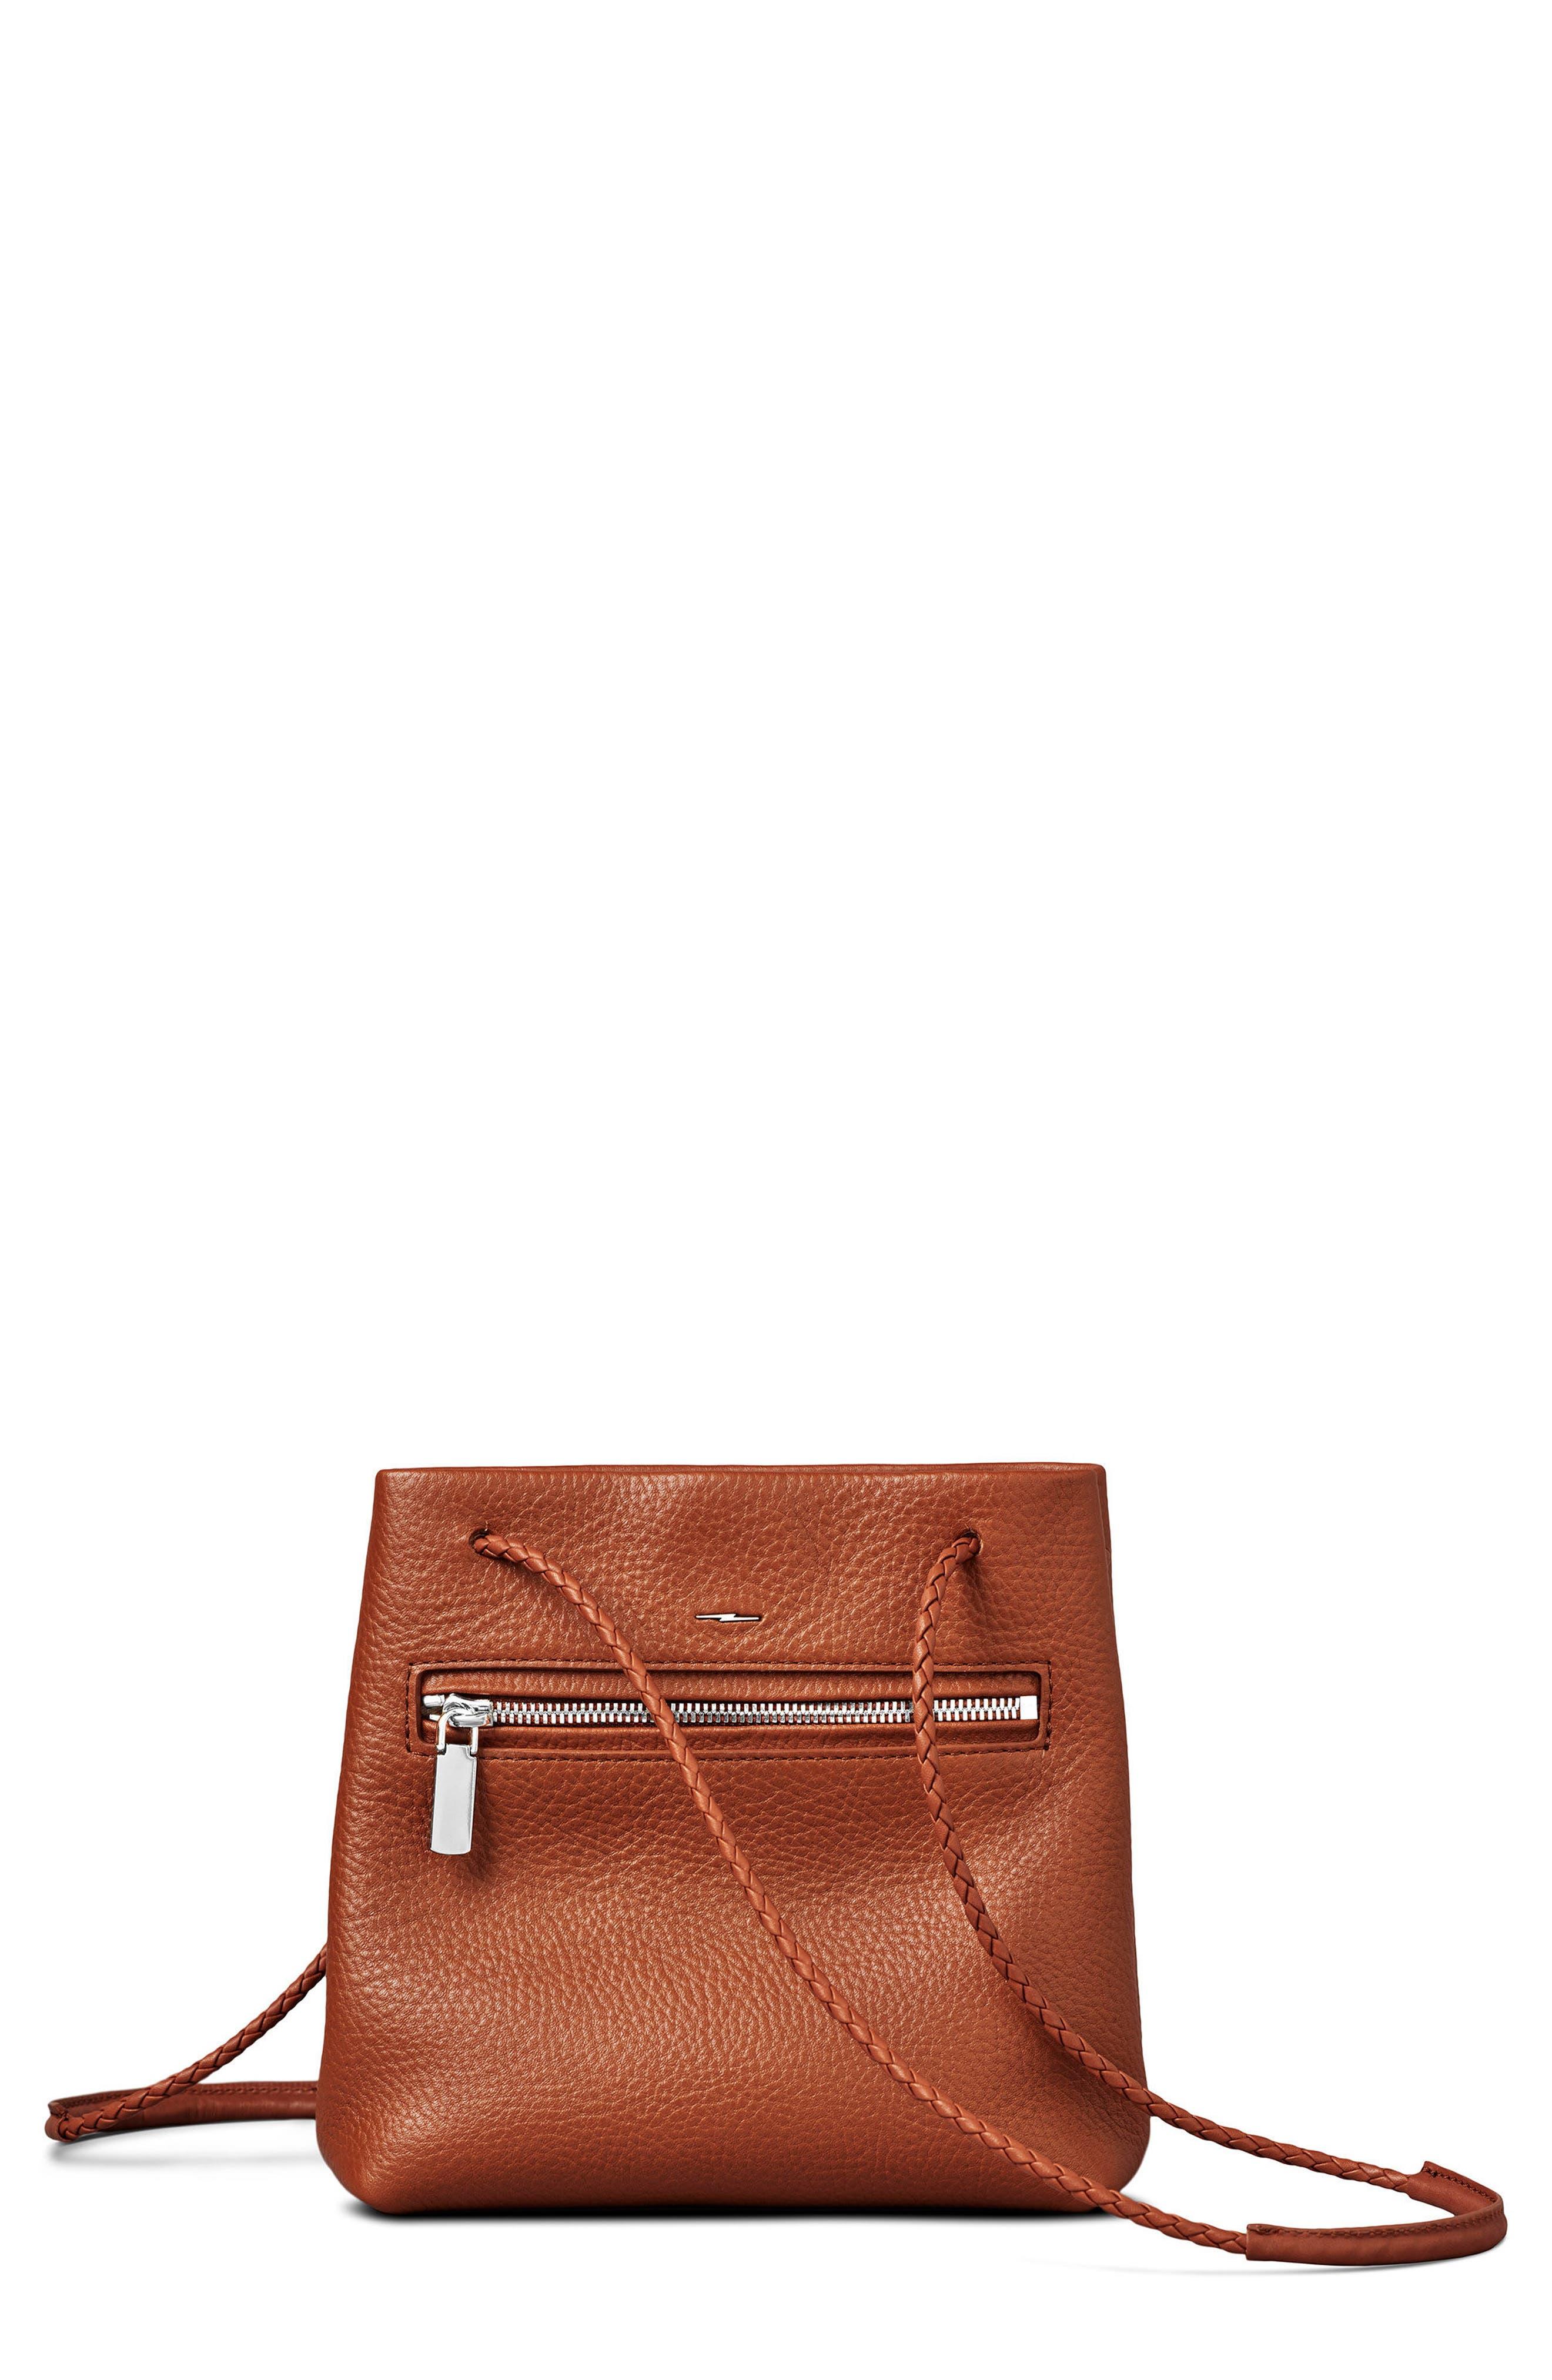 Mini Pebbled Leather Drawstring Crossbody Bag,                             Main thumbnail 1, color,                             Bourbon